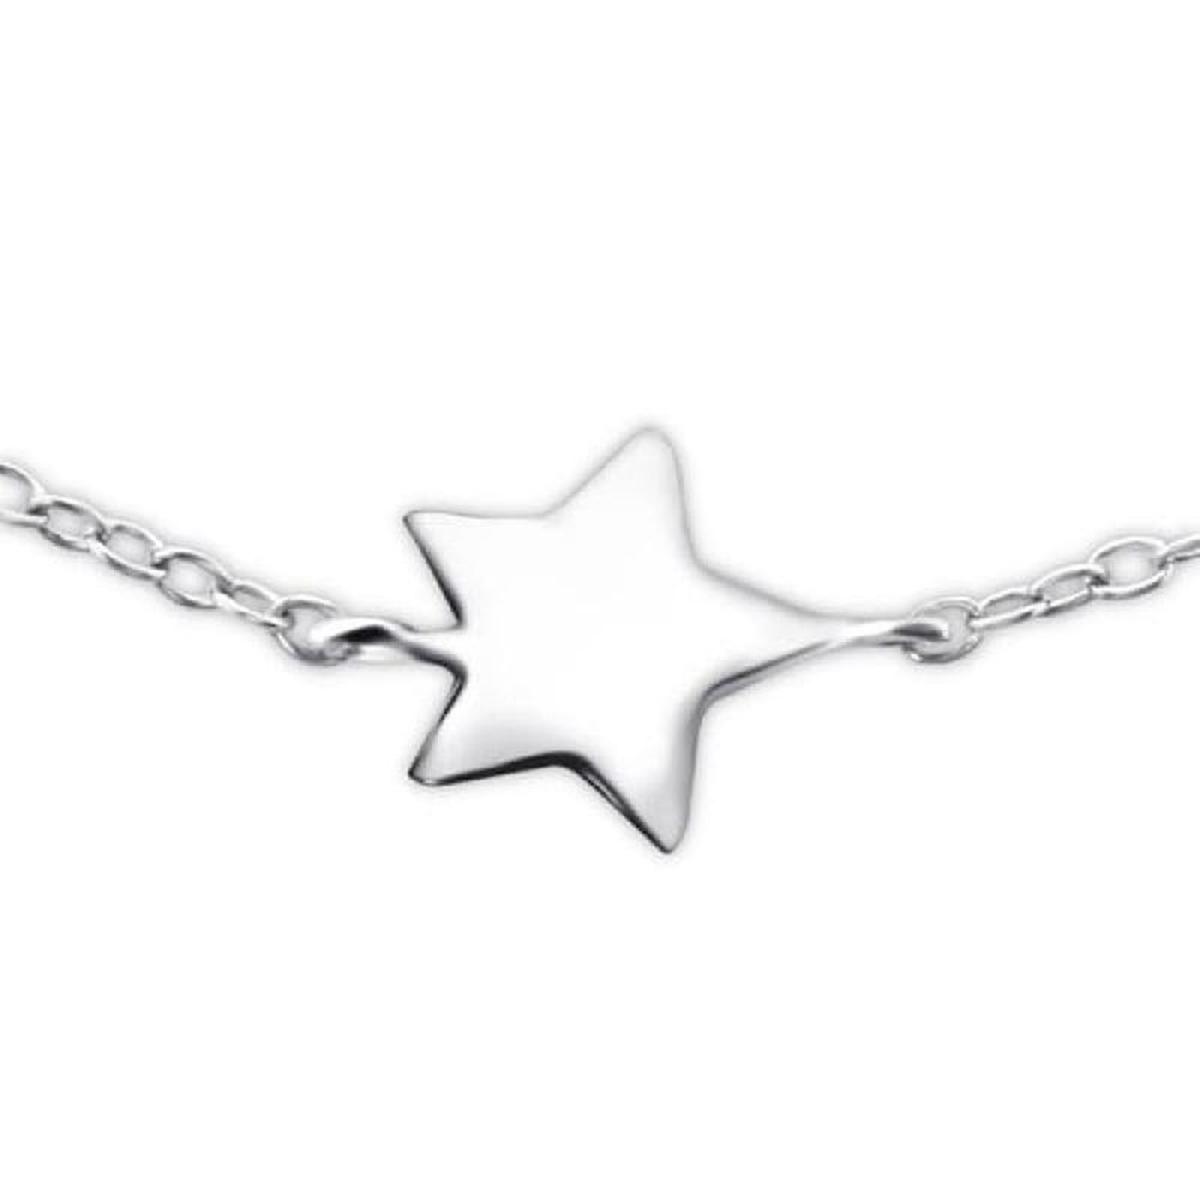 Bracelet Chaîne Réglable: 19 à 22 cm Etoile Argent 925